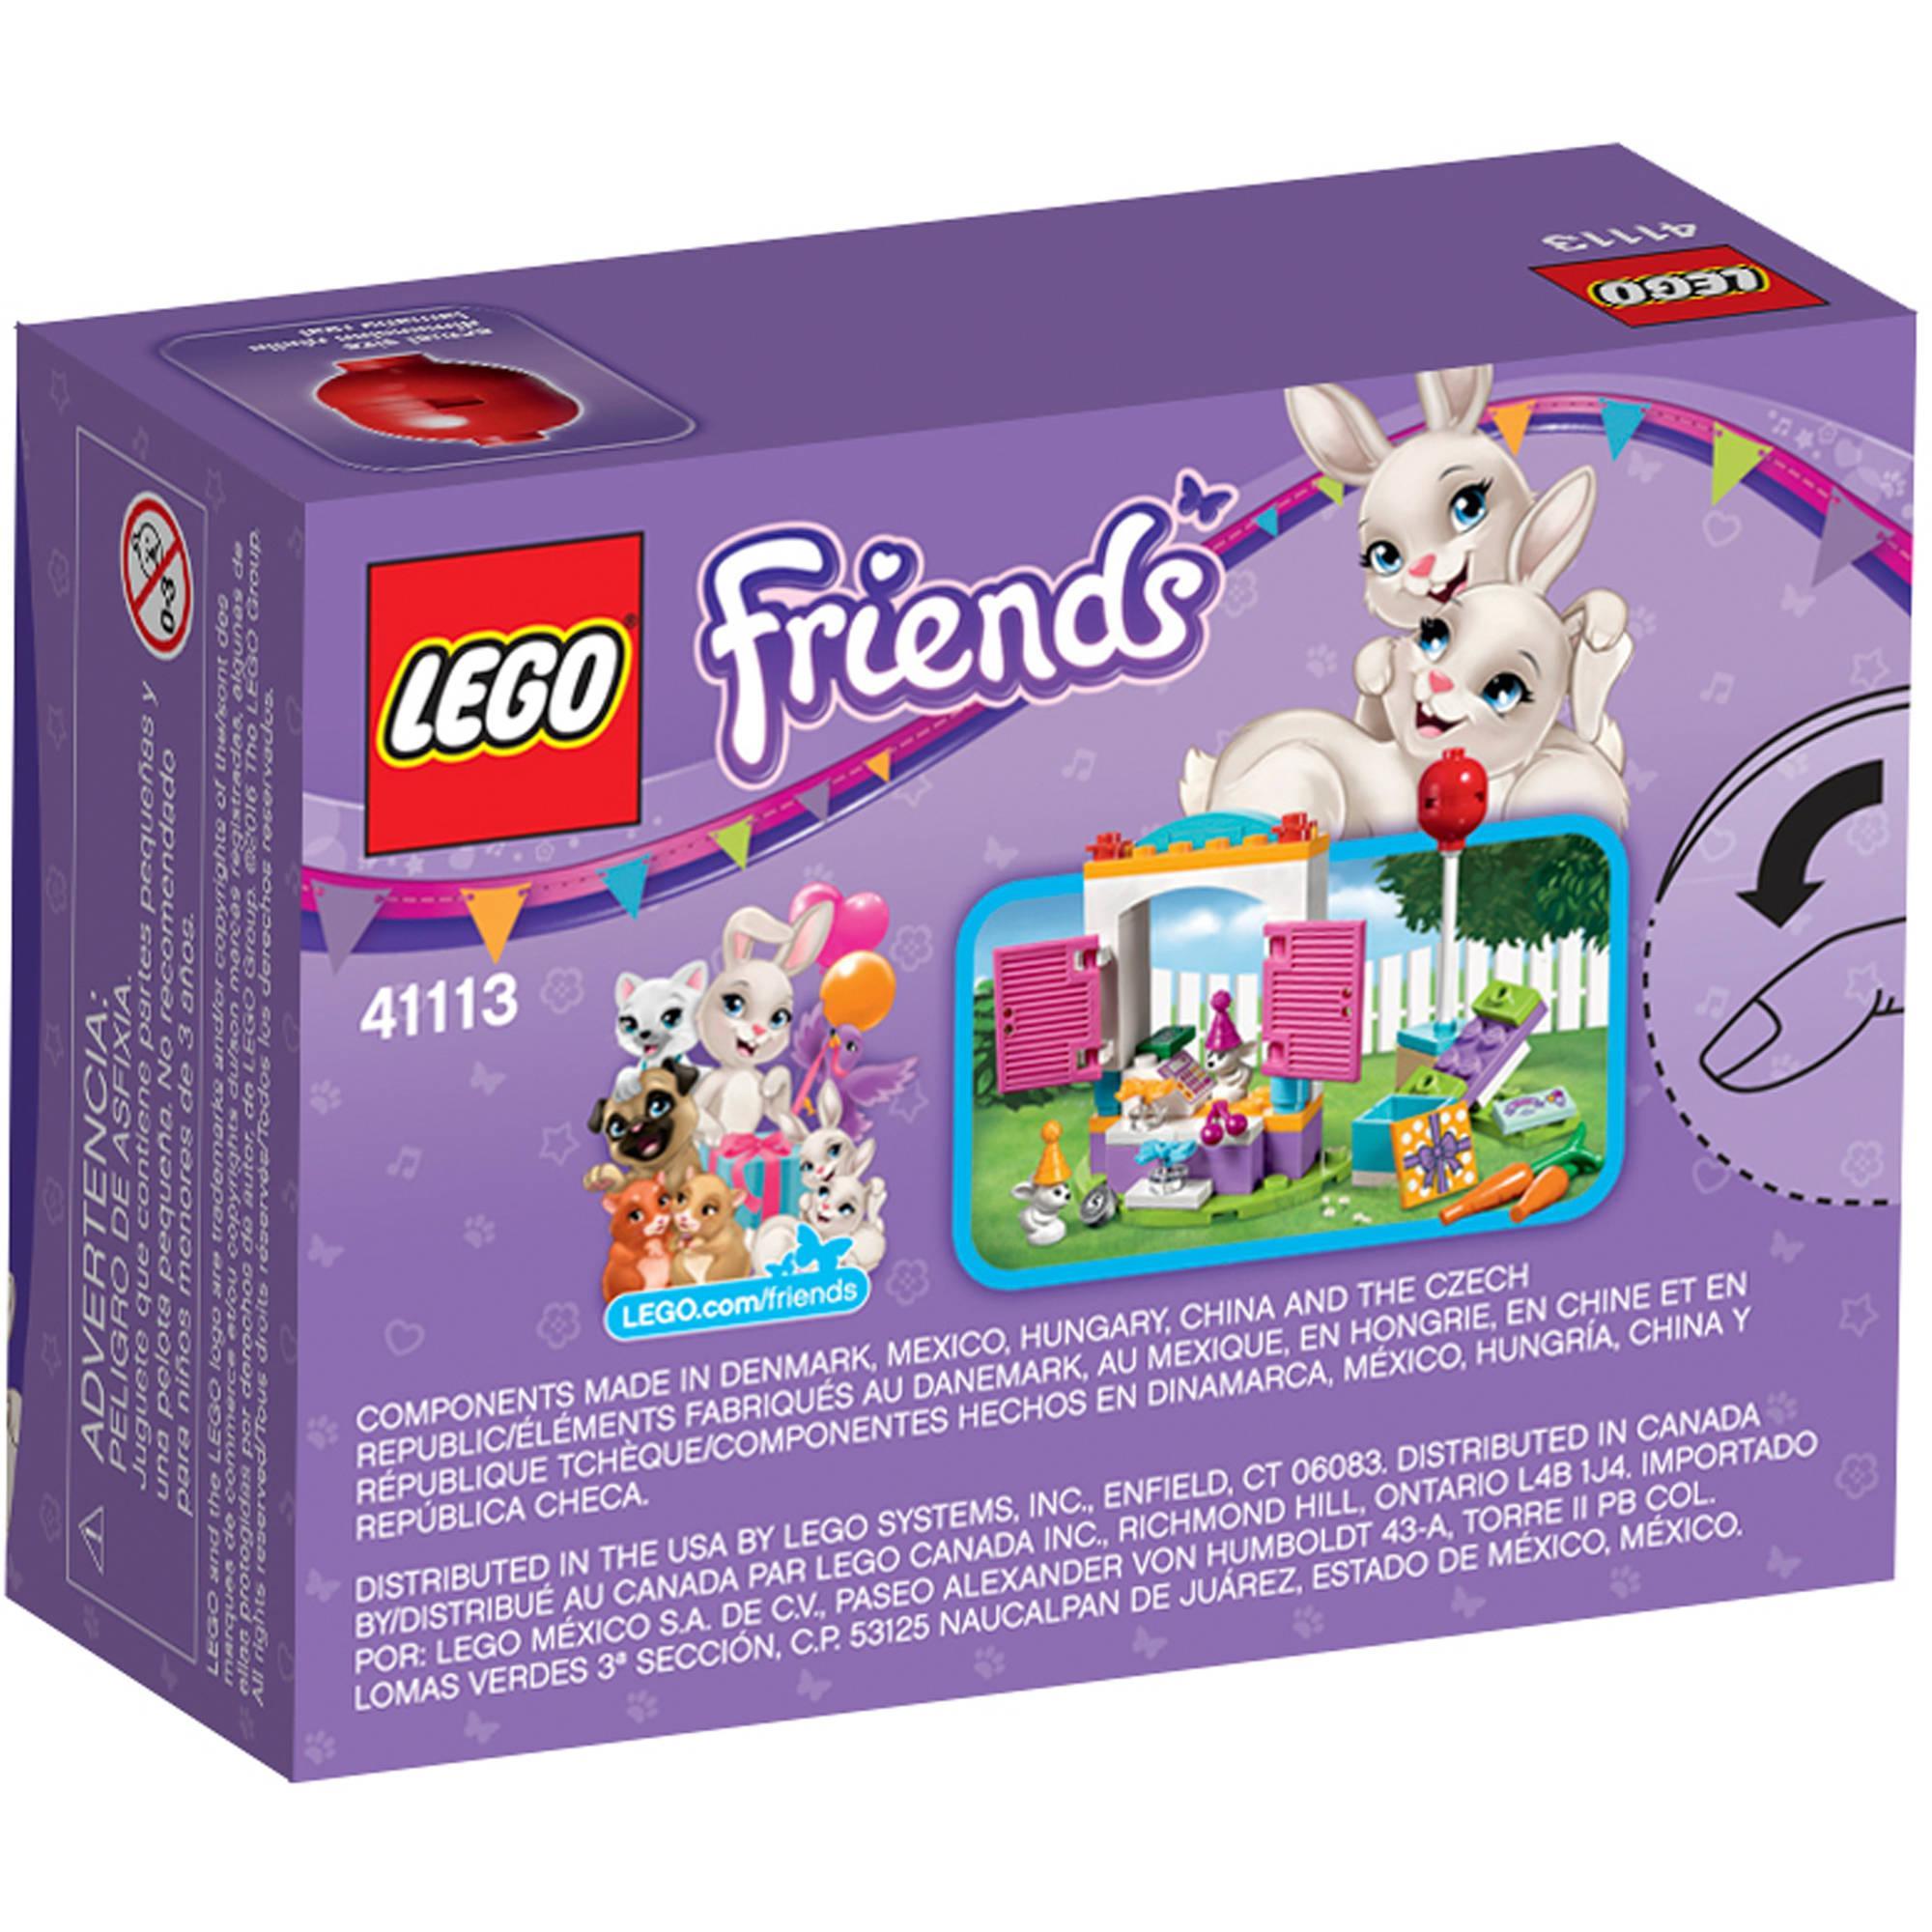 Лего в подарок на день рождения